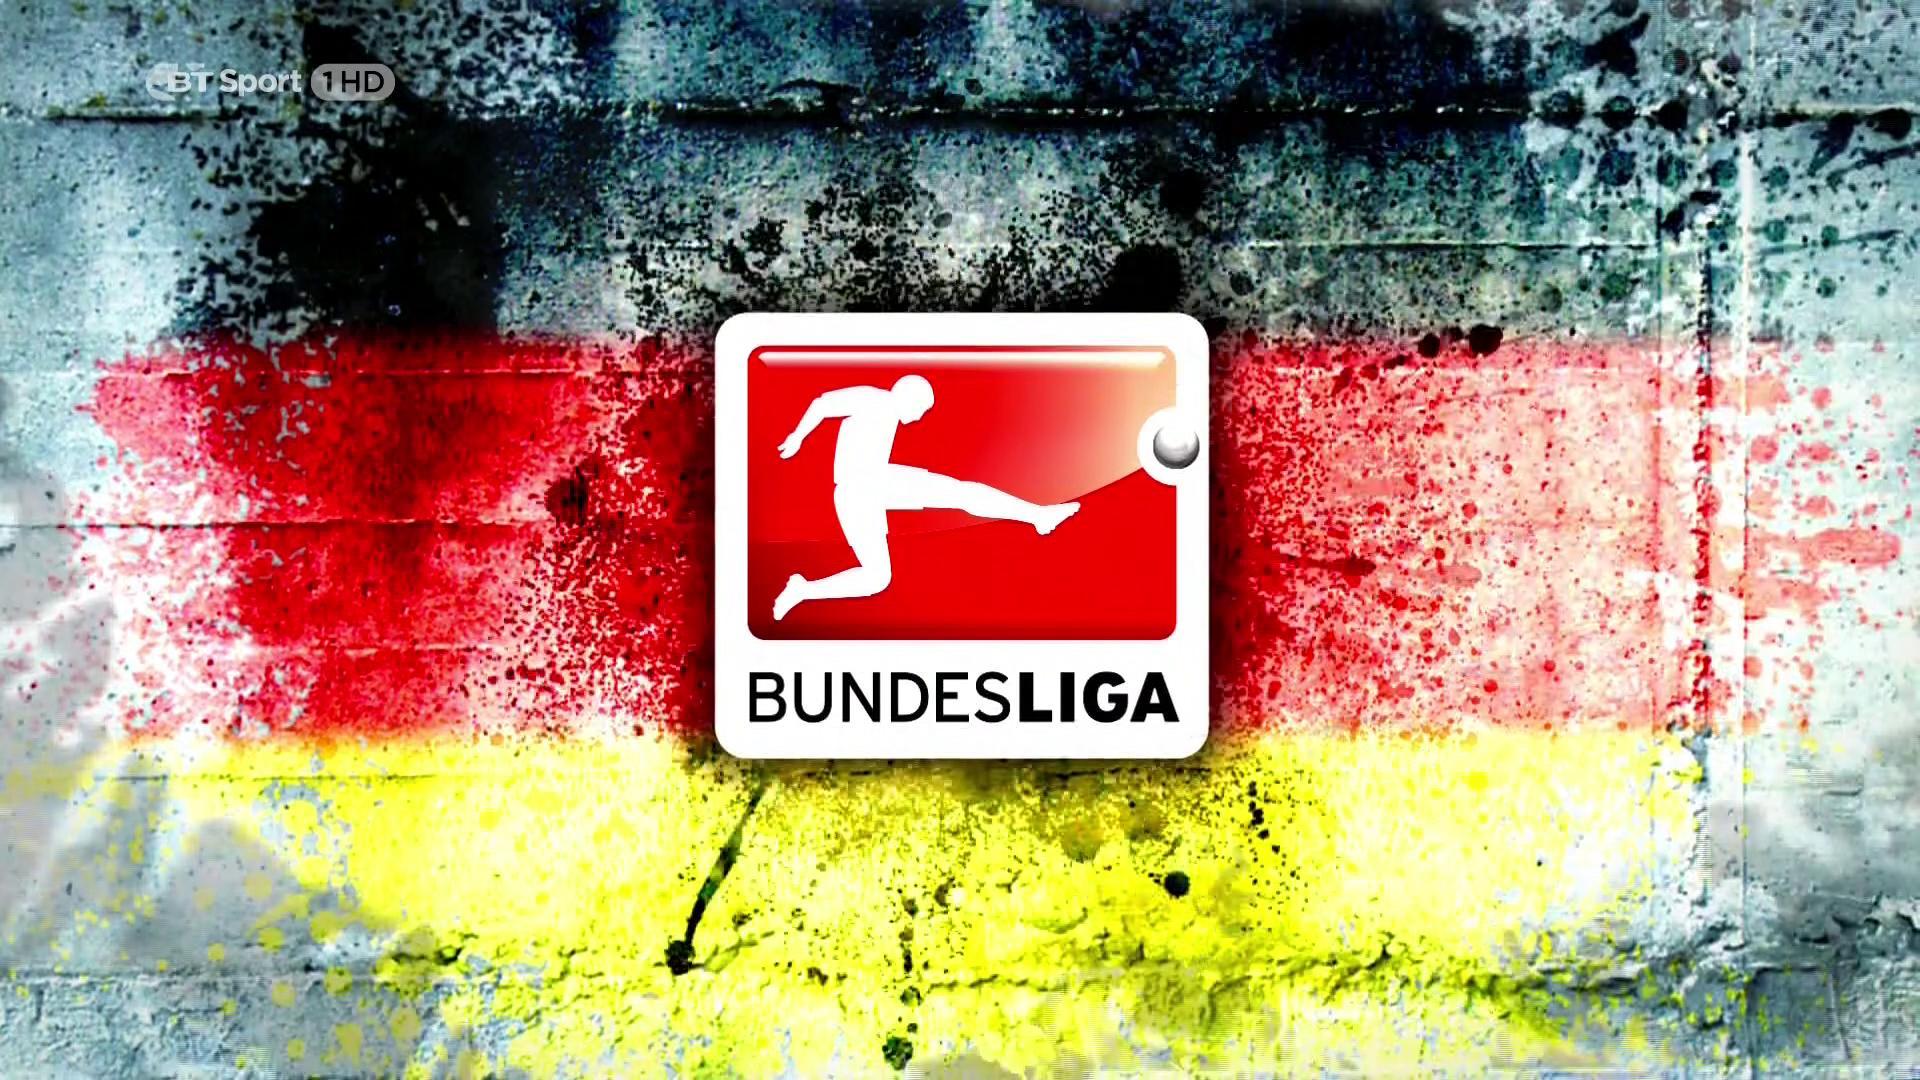 Bundlesliga - Highlights Show 1